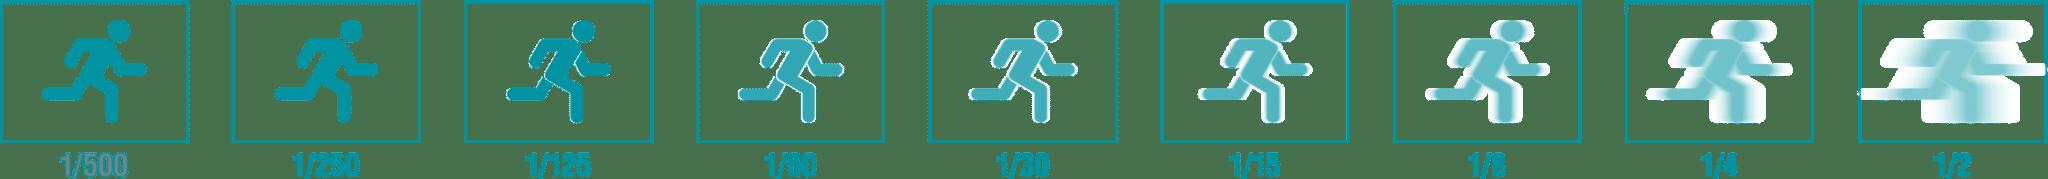 échelle de la vitesse d'obturation pour illustrer l'article sur la vitesse d'obturation